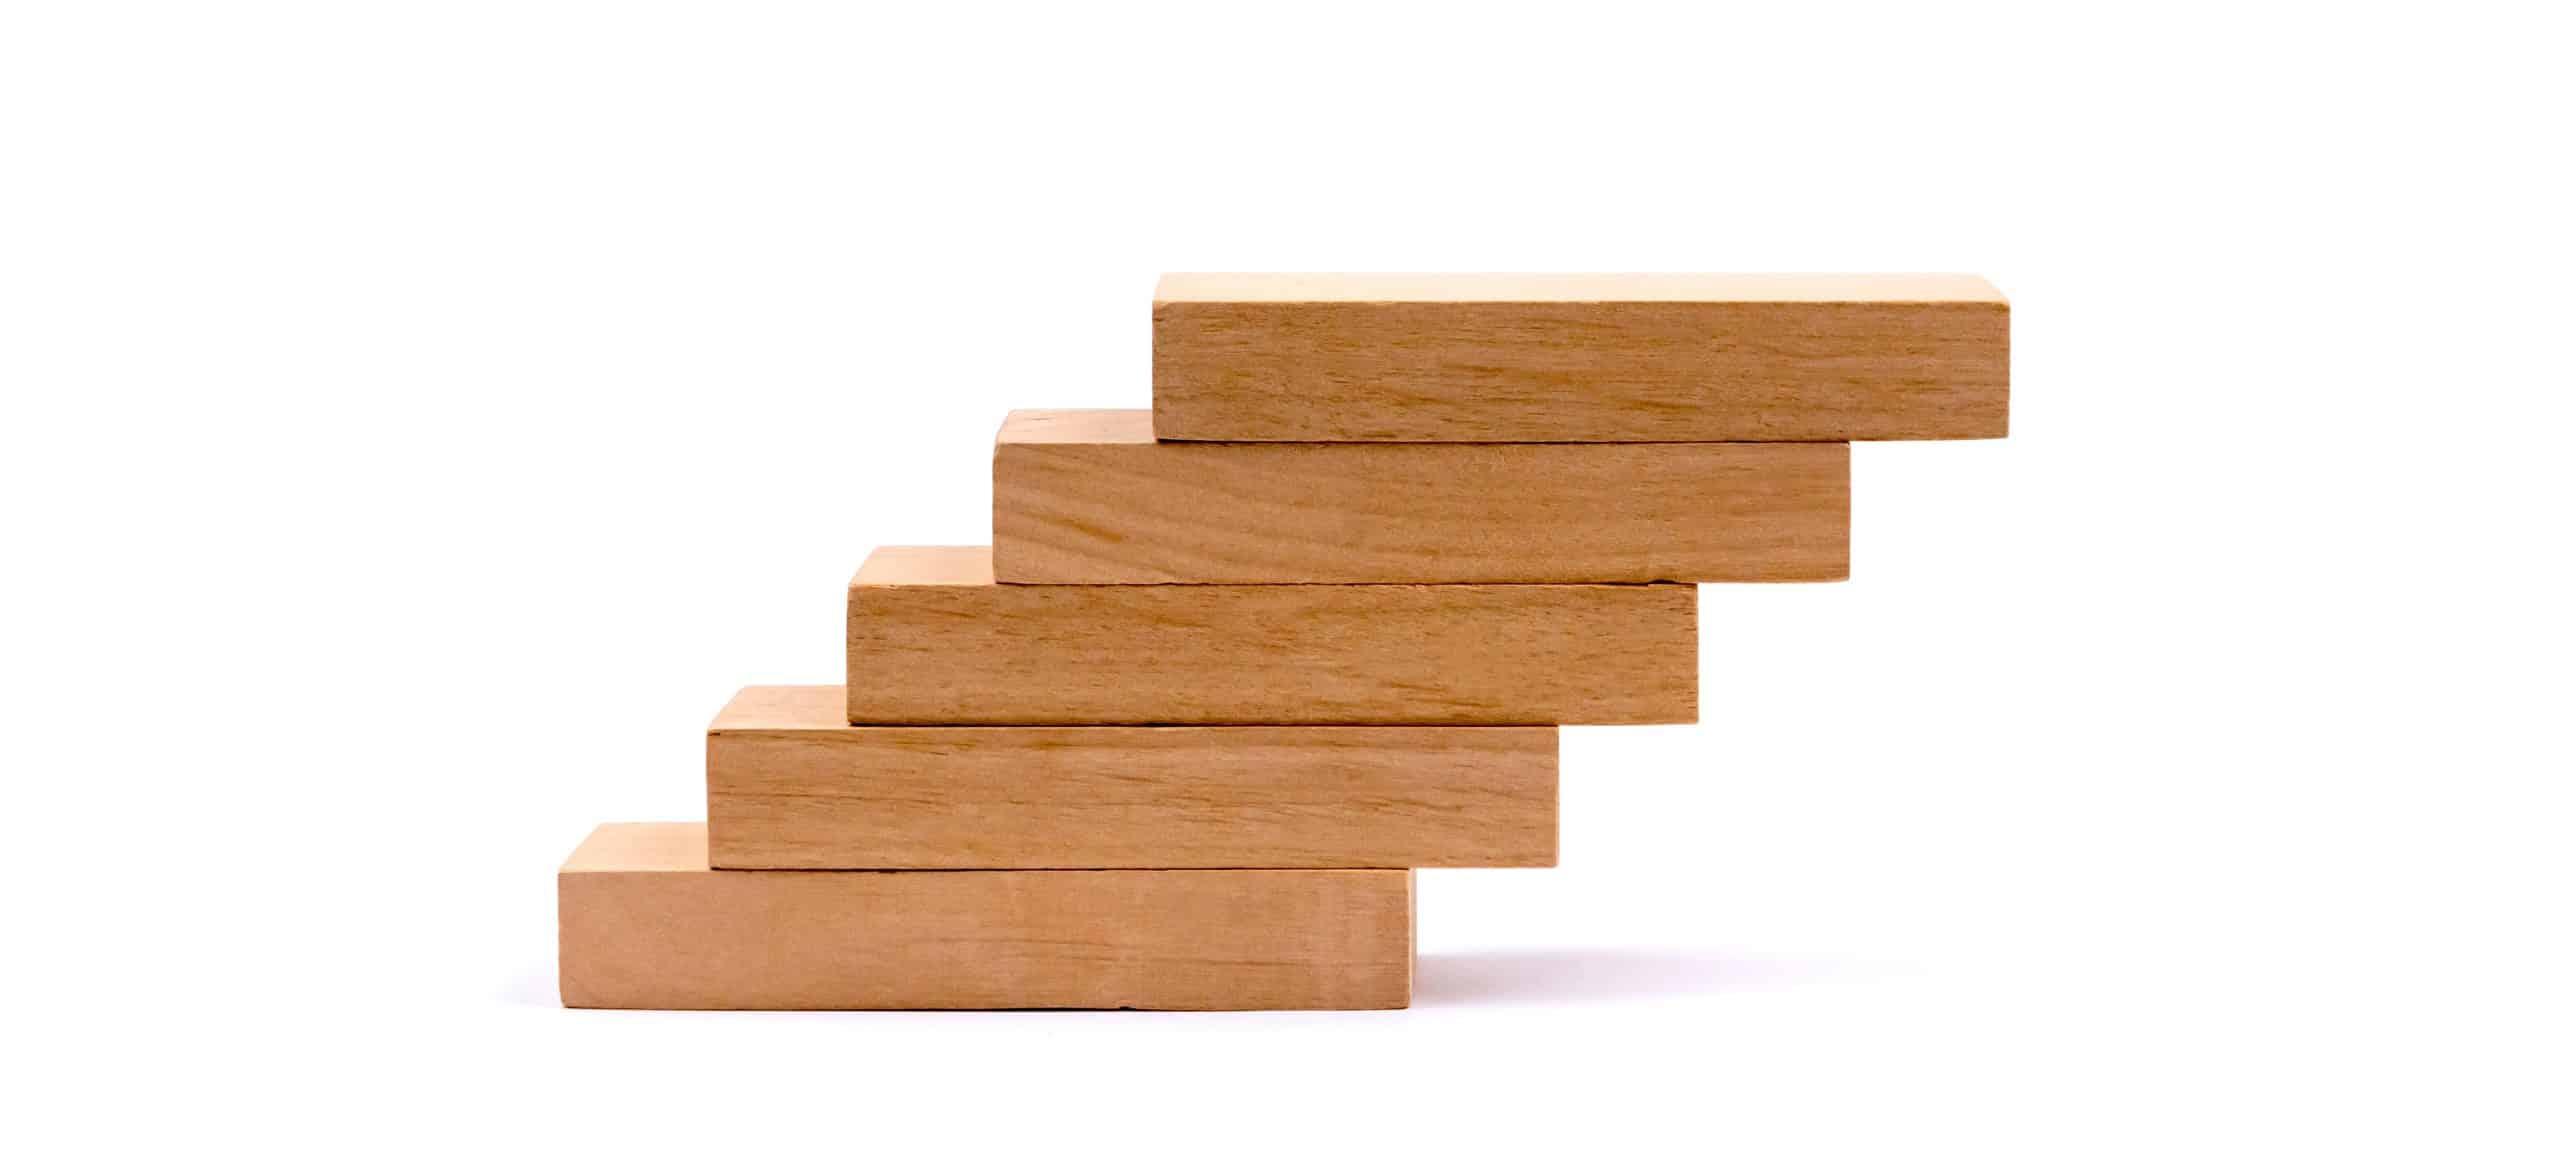 Fünf Maßnahmen zur Aufwertung Ihres Unternehmens, auch wenn die Konkurrenz moderner aufgestellt ist